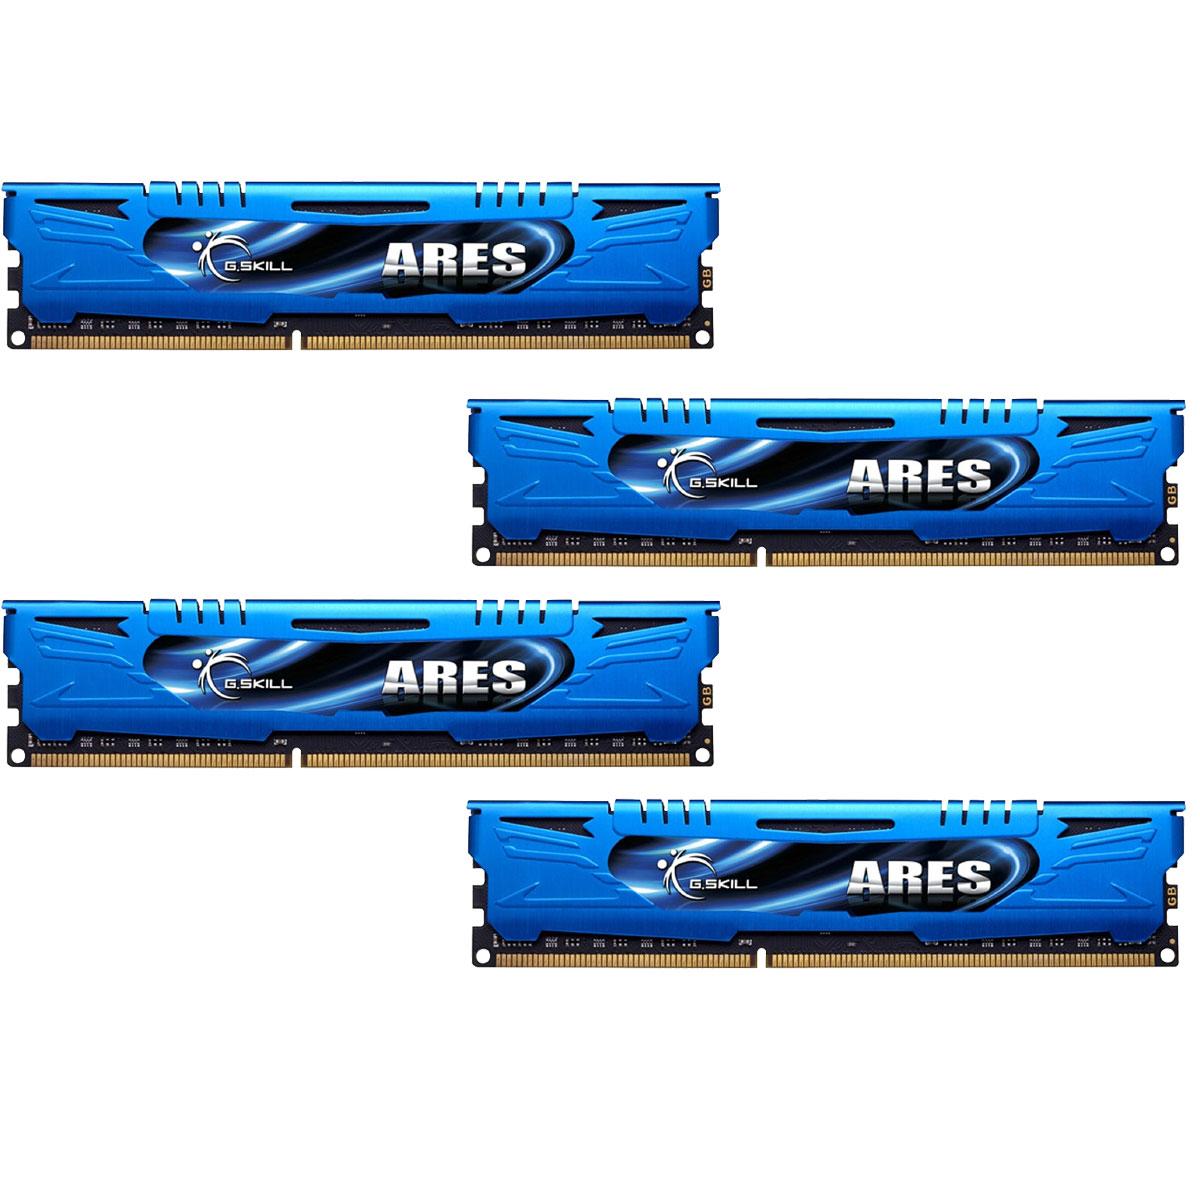 Mémoire PC G.Skill Ares Blue Series 16 Go (4 x 4 Go) DDR3 2400 MHz CL11 Kit Quad Channel DDR3 PC3-19200 - F3-2400C11Q-16GAB (garantie à vie par G.Skill)